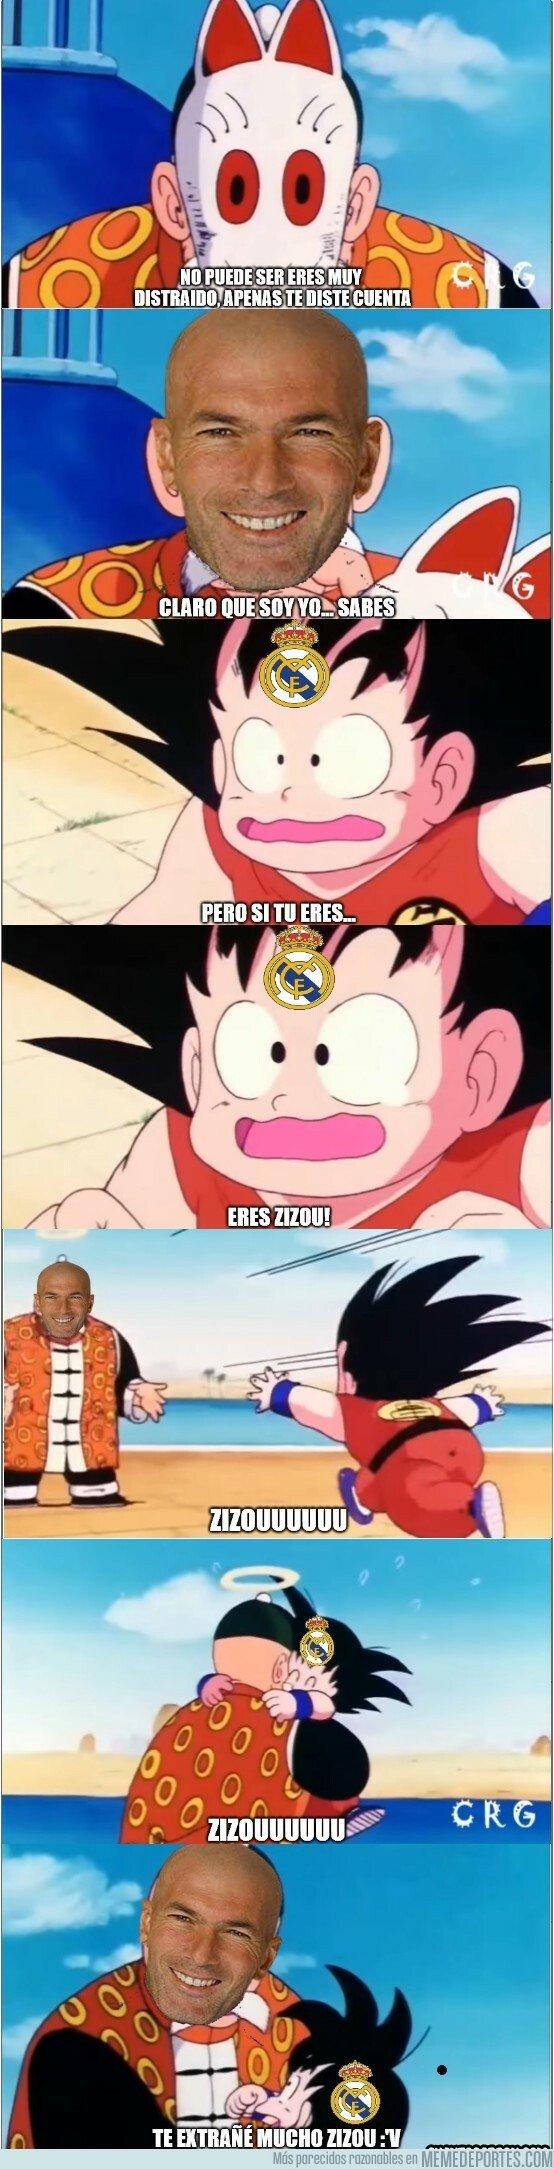 1067762 - Todo el madridismo con la vuelta de Zidane